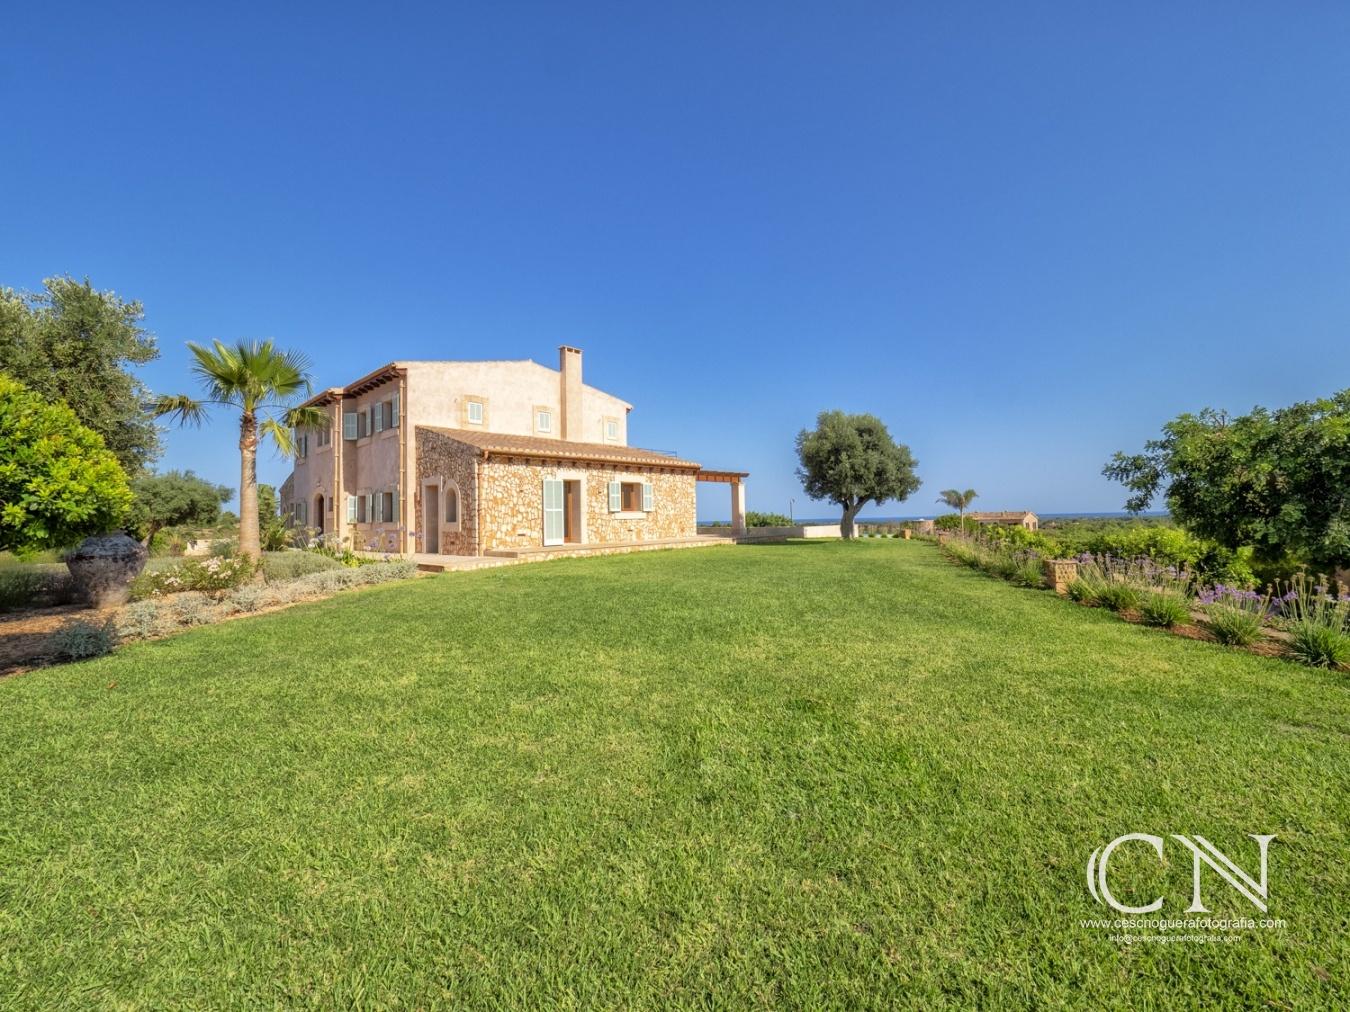 Real Estate Photography  - Cesc Noguera Fotografia, Quando la fotografia è una passione, Architectural & Interior design photographer / Landscape Photography